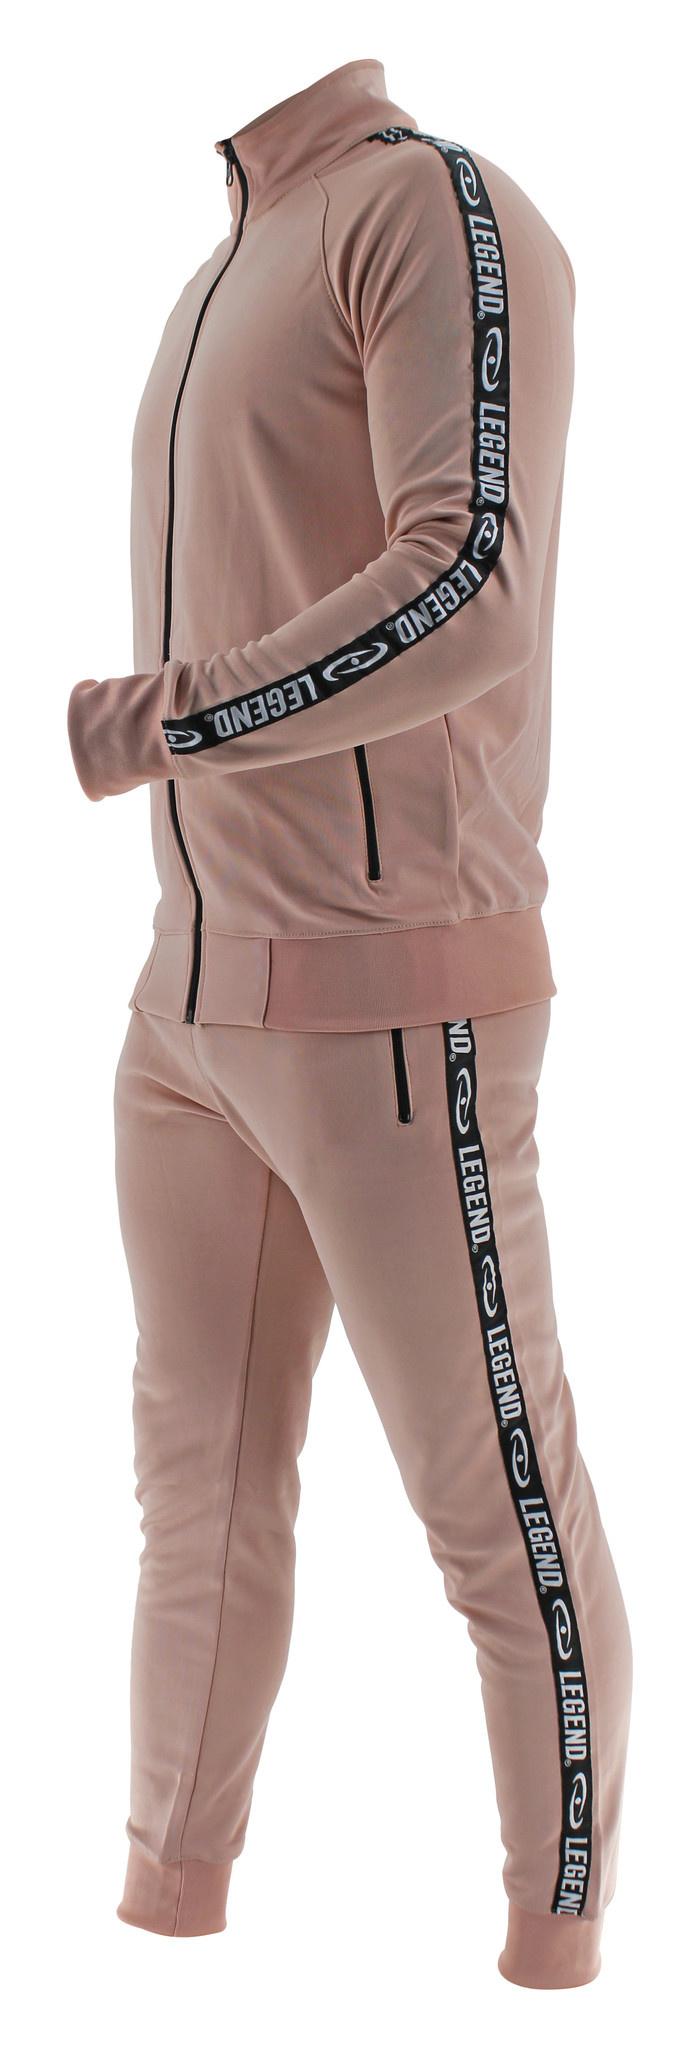 Legend B-keuze Trainingspak Unisex SlimFit Nude Pink